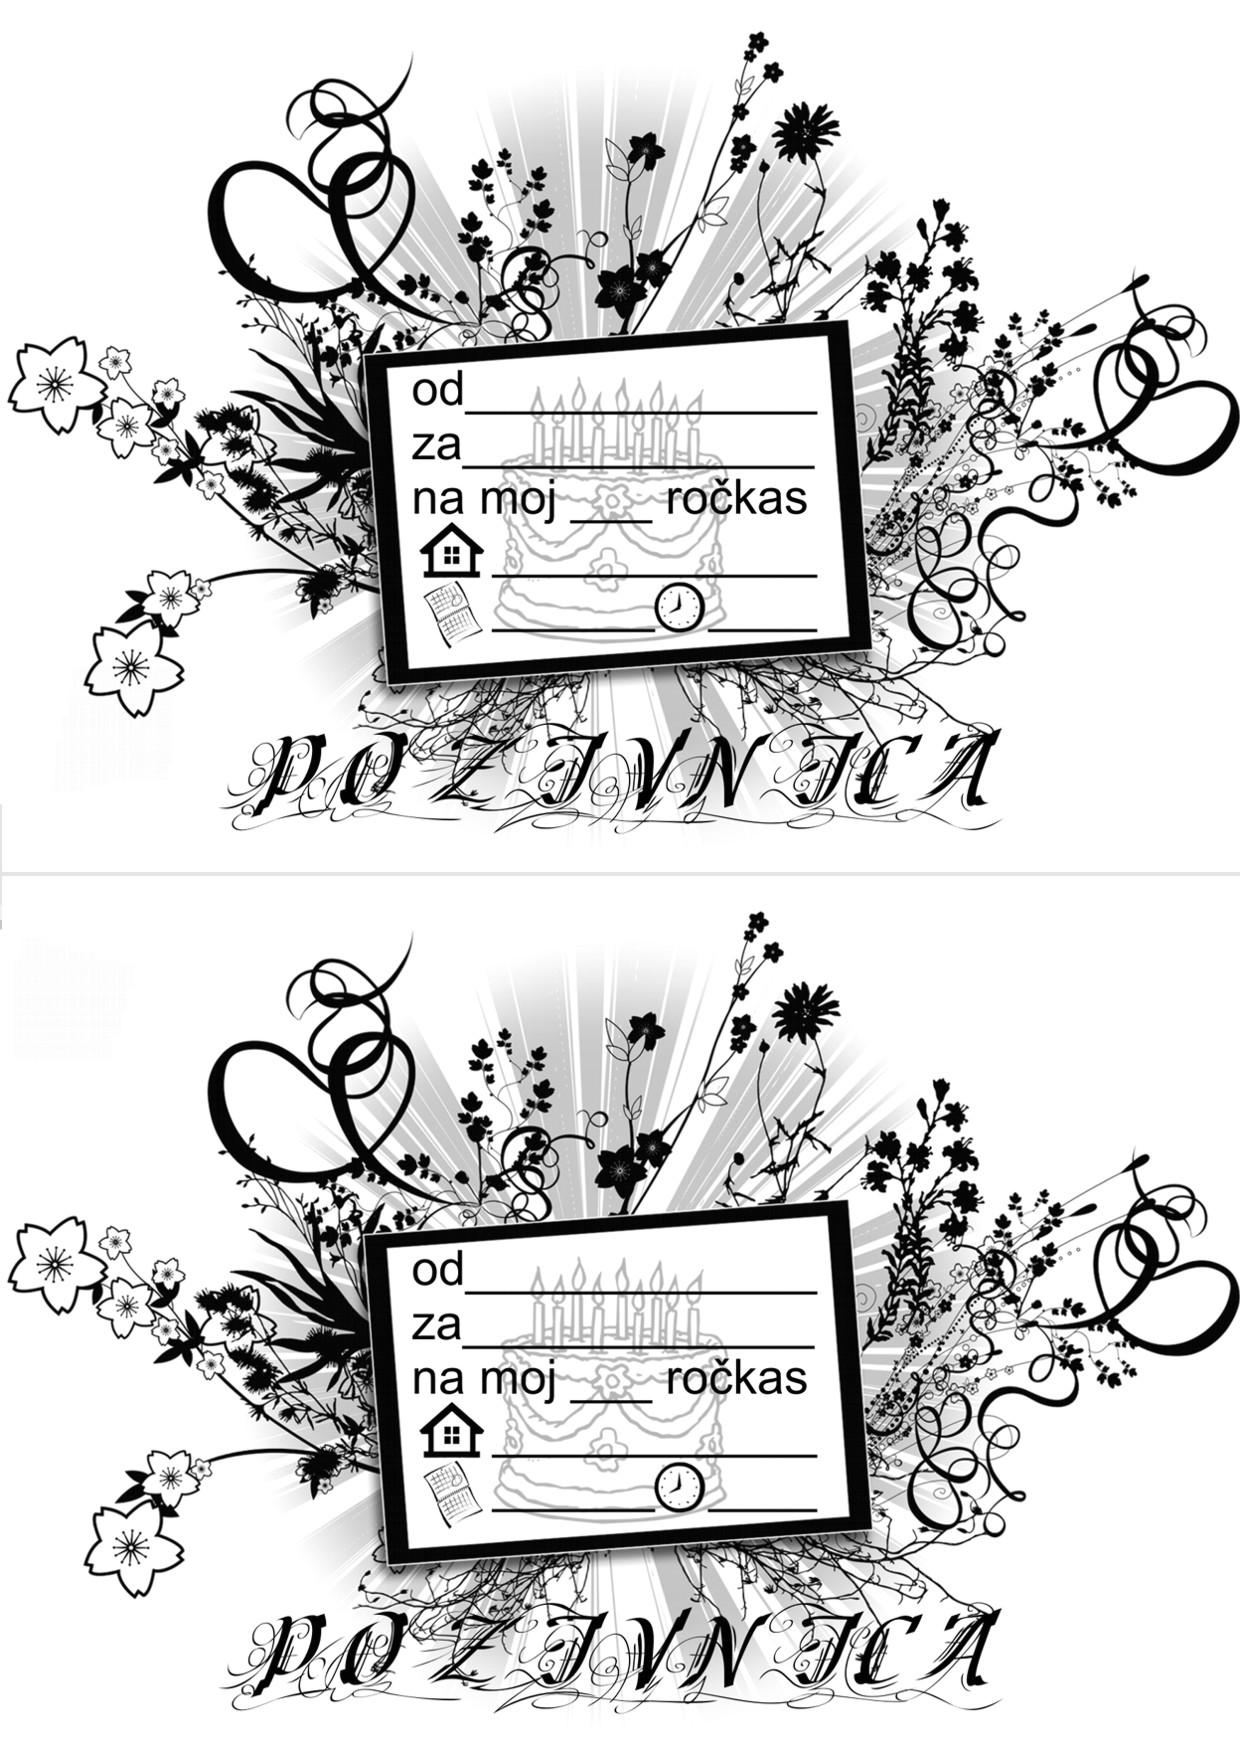 pozivnice za rođendan za djevojčice za printanje Pozivnice za rođendan print crno bijele   Iznenađenje za rođendan  pozivnice za rođendan za djevojčice za printanje